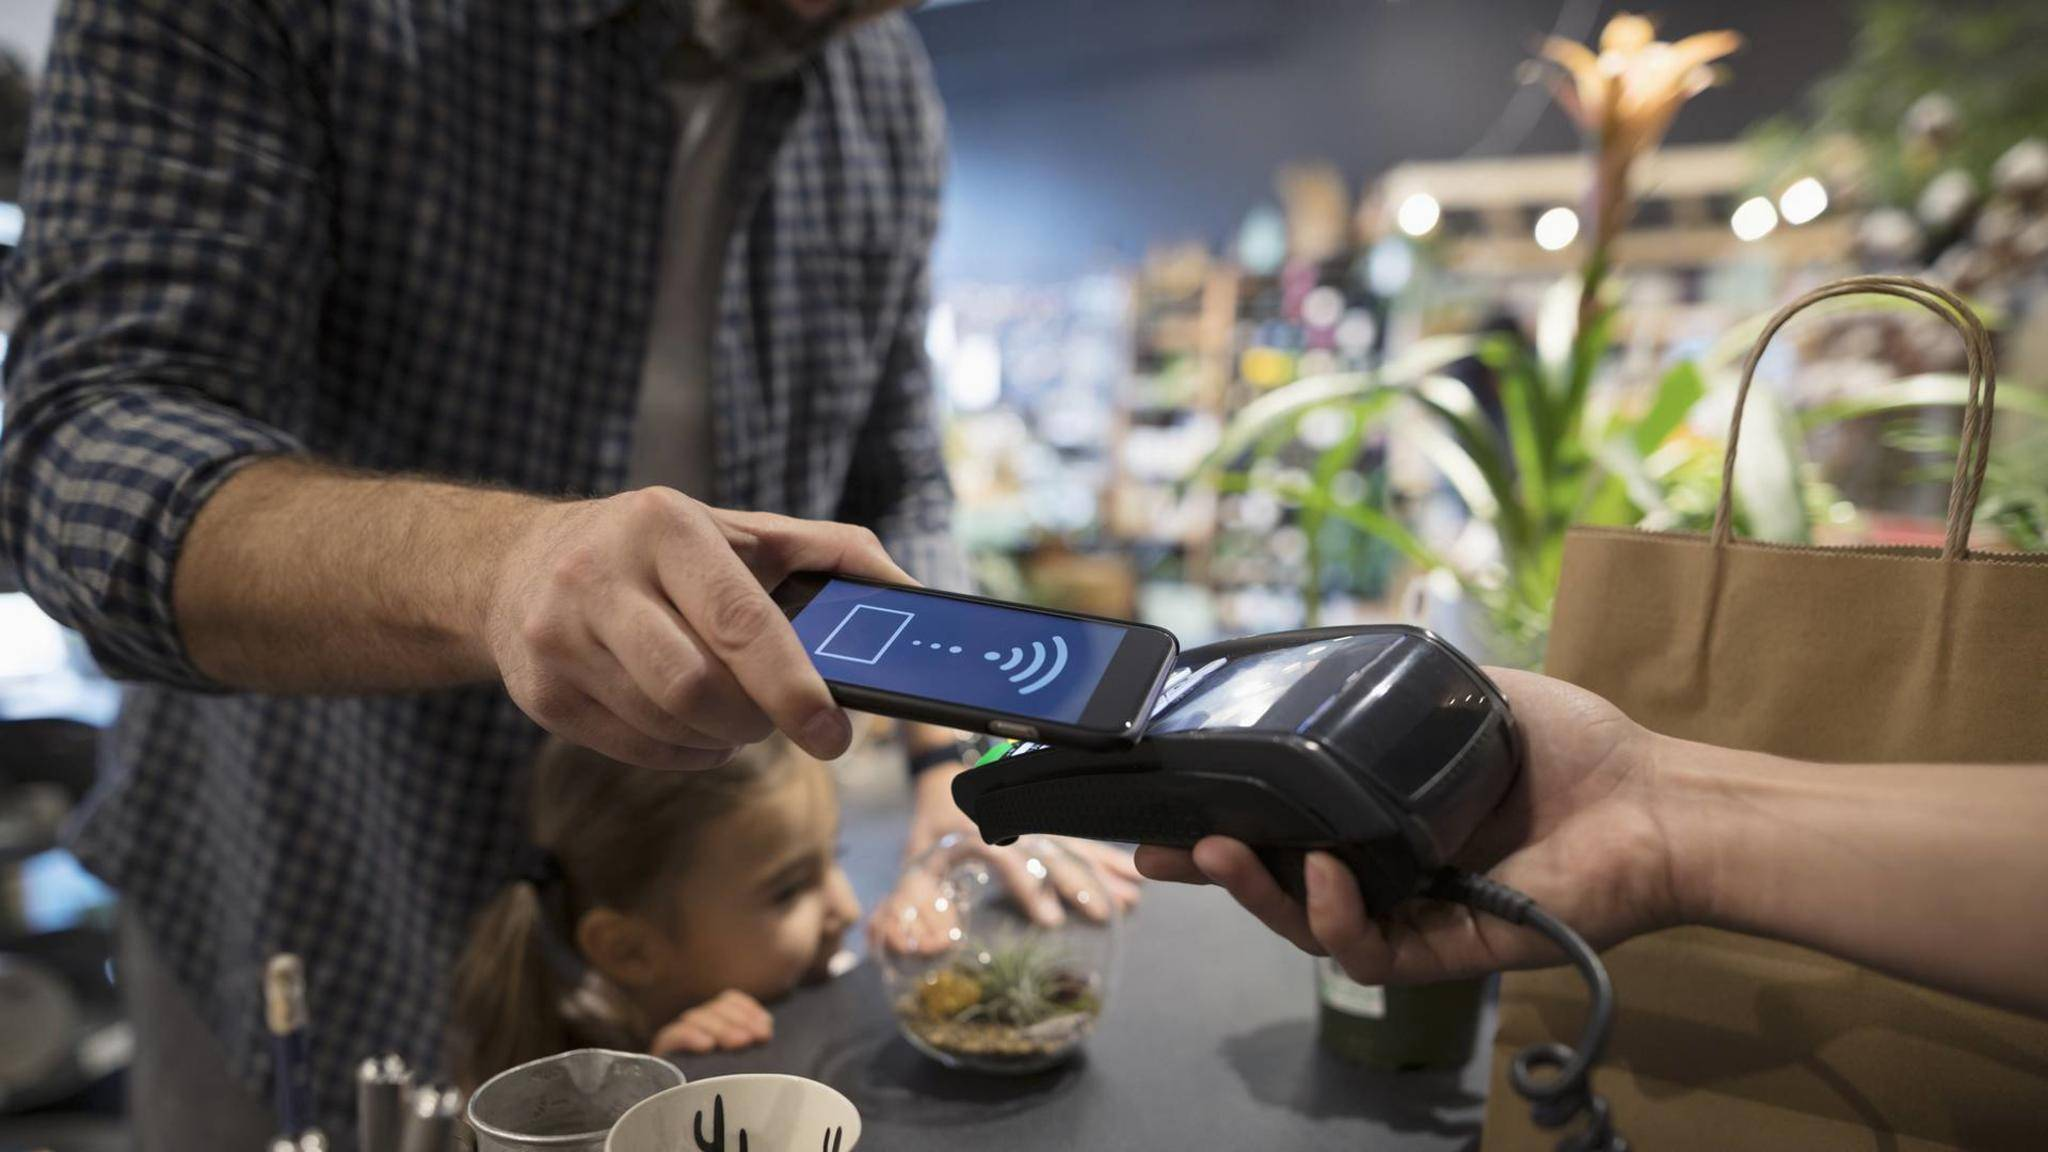 Mit Google Pay hält Mobile Payment in Deutschland großflächig Einzug.